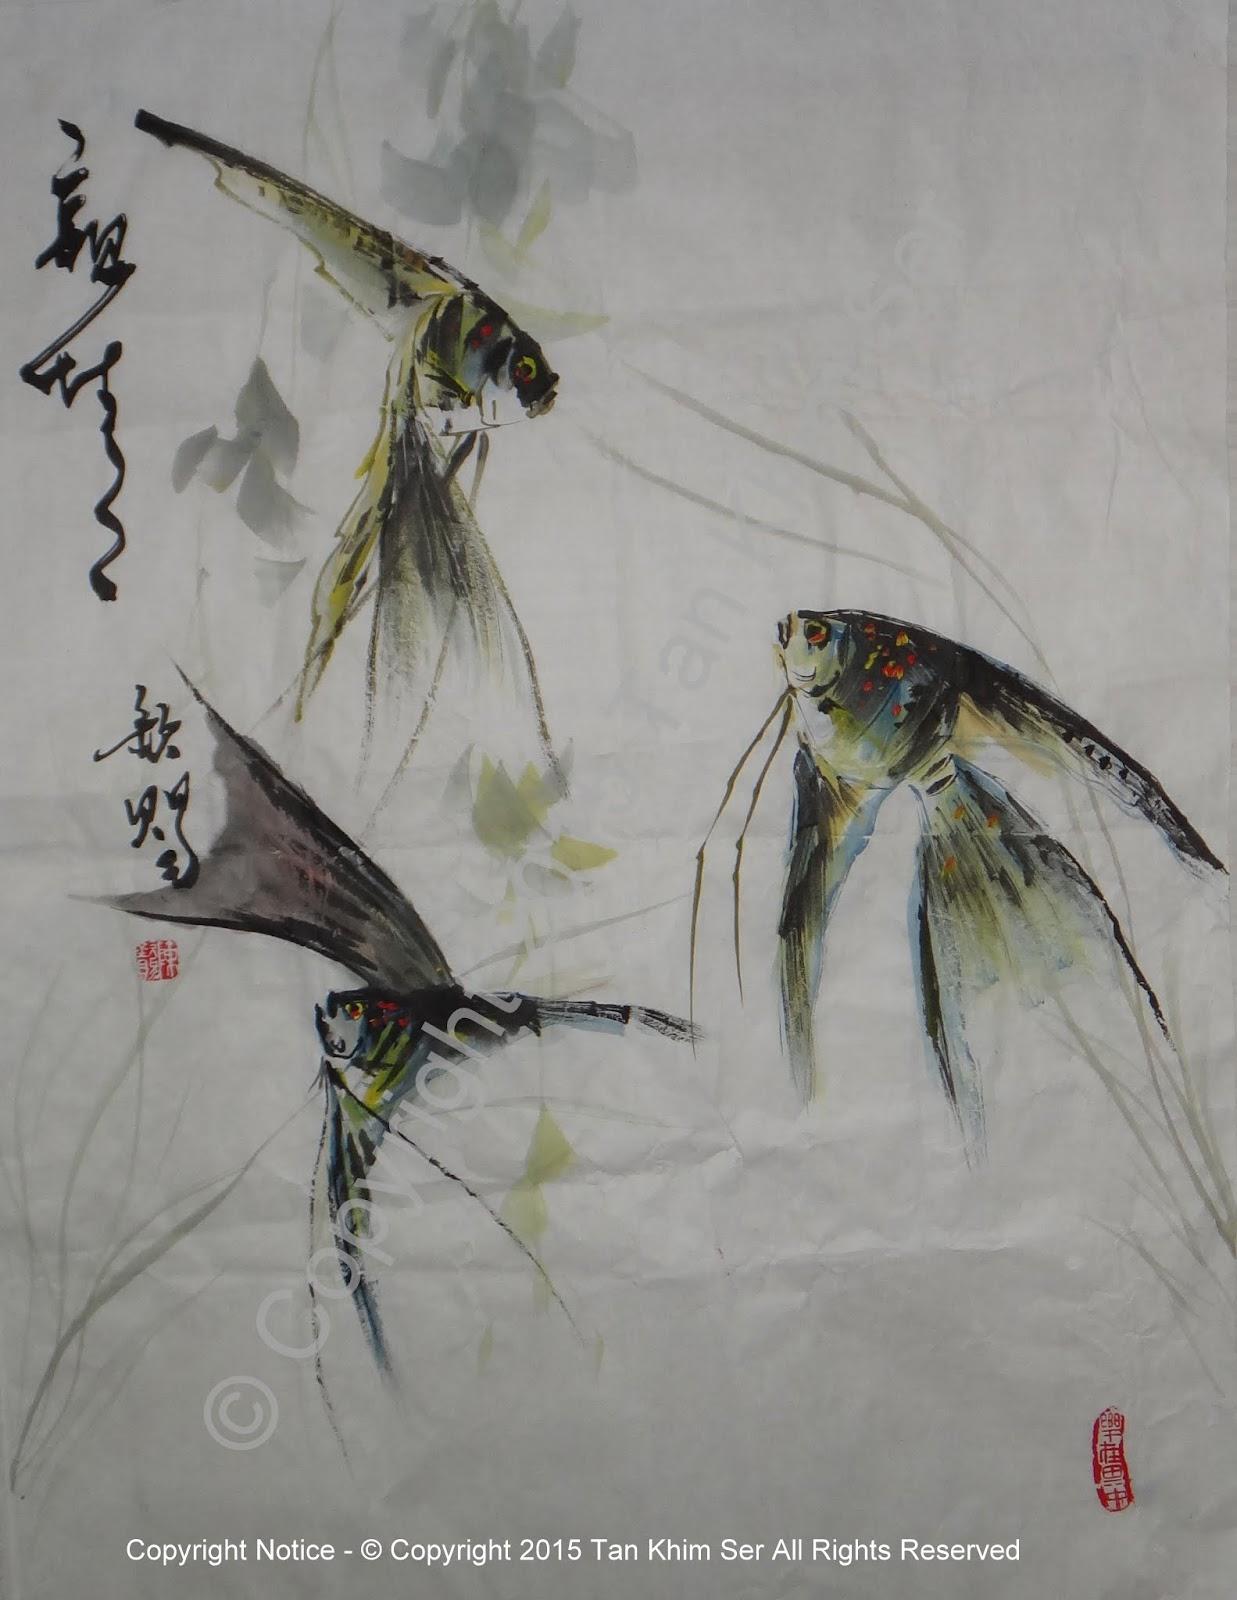 神仙鱼angel fish tankhimser